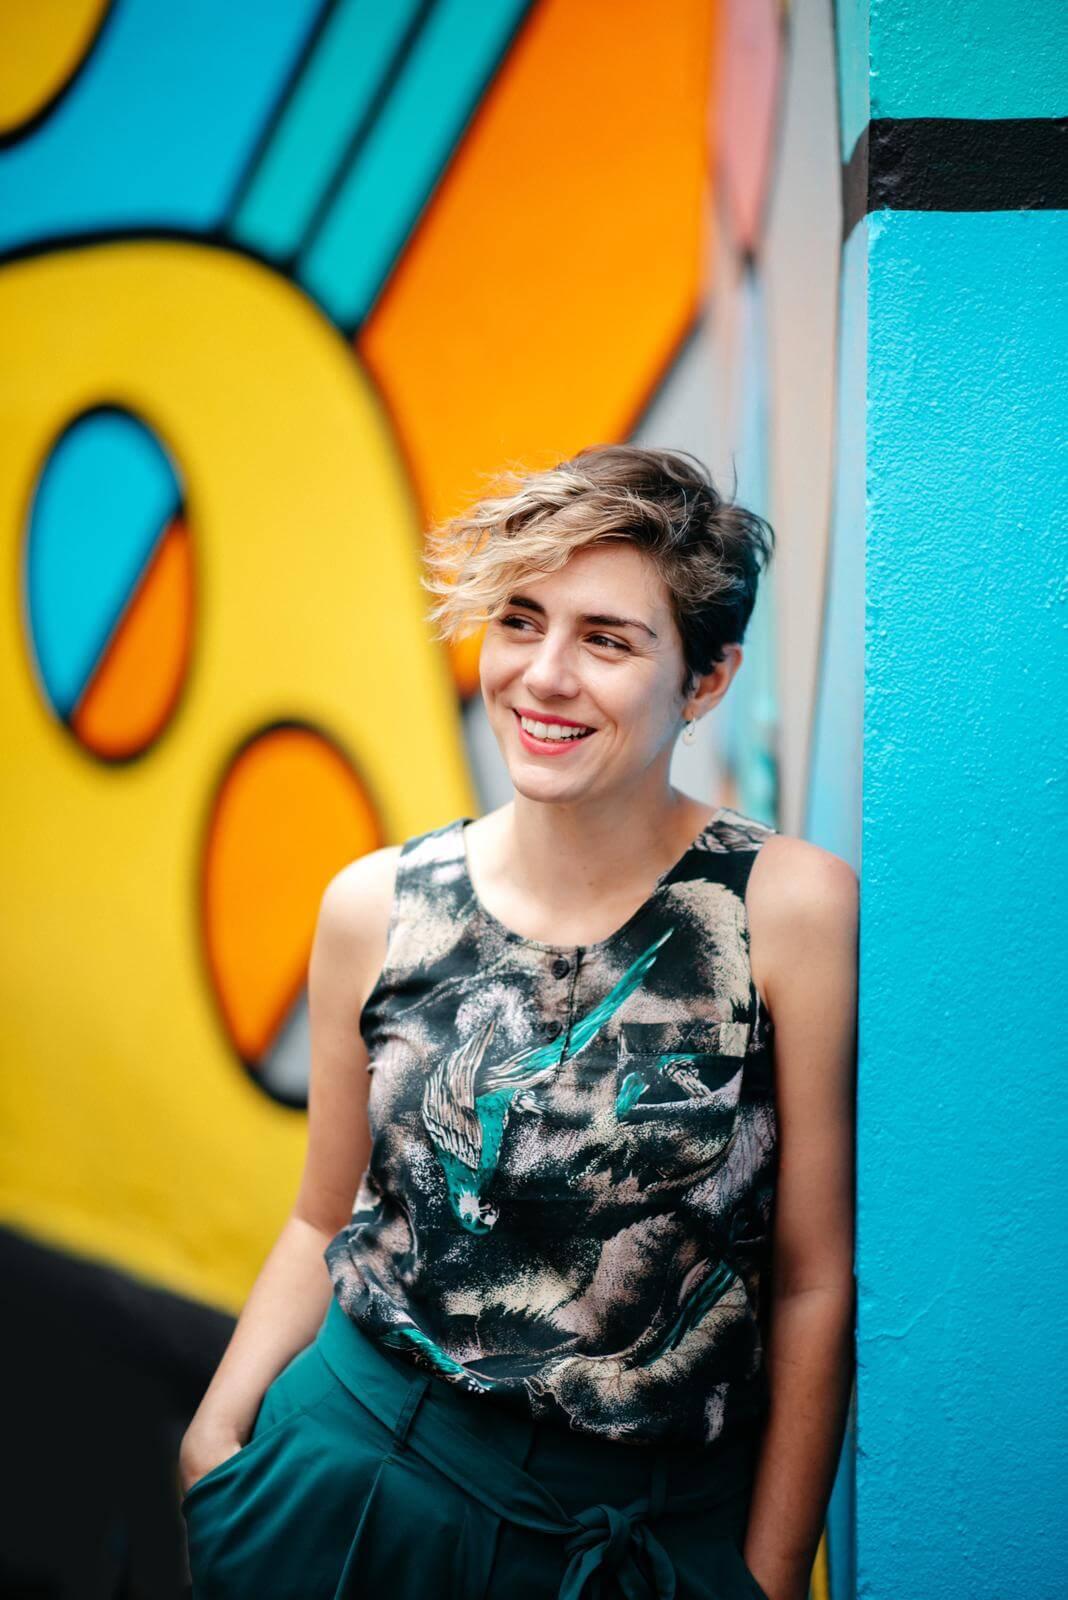 A photo of Rebekah Di Palma